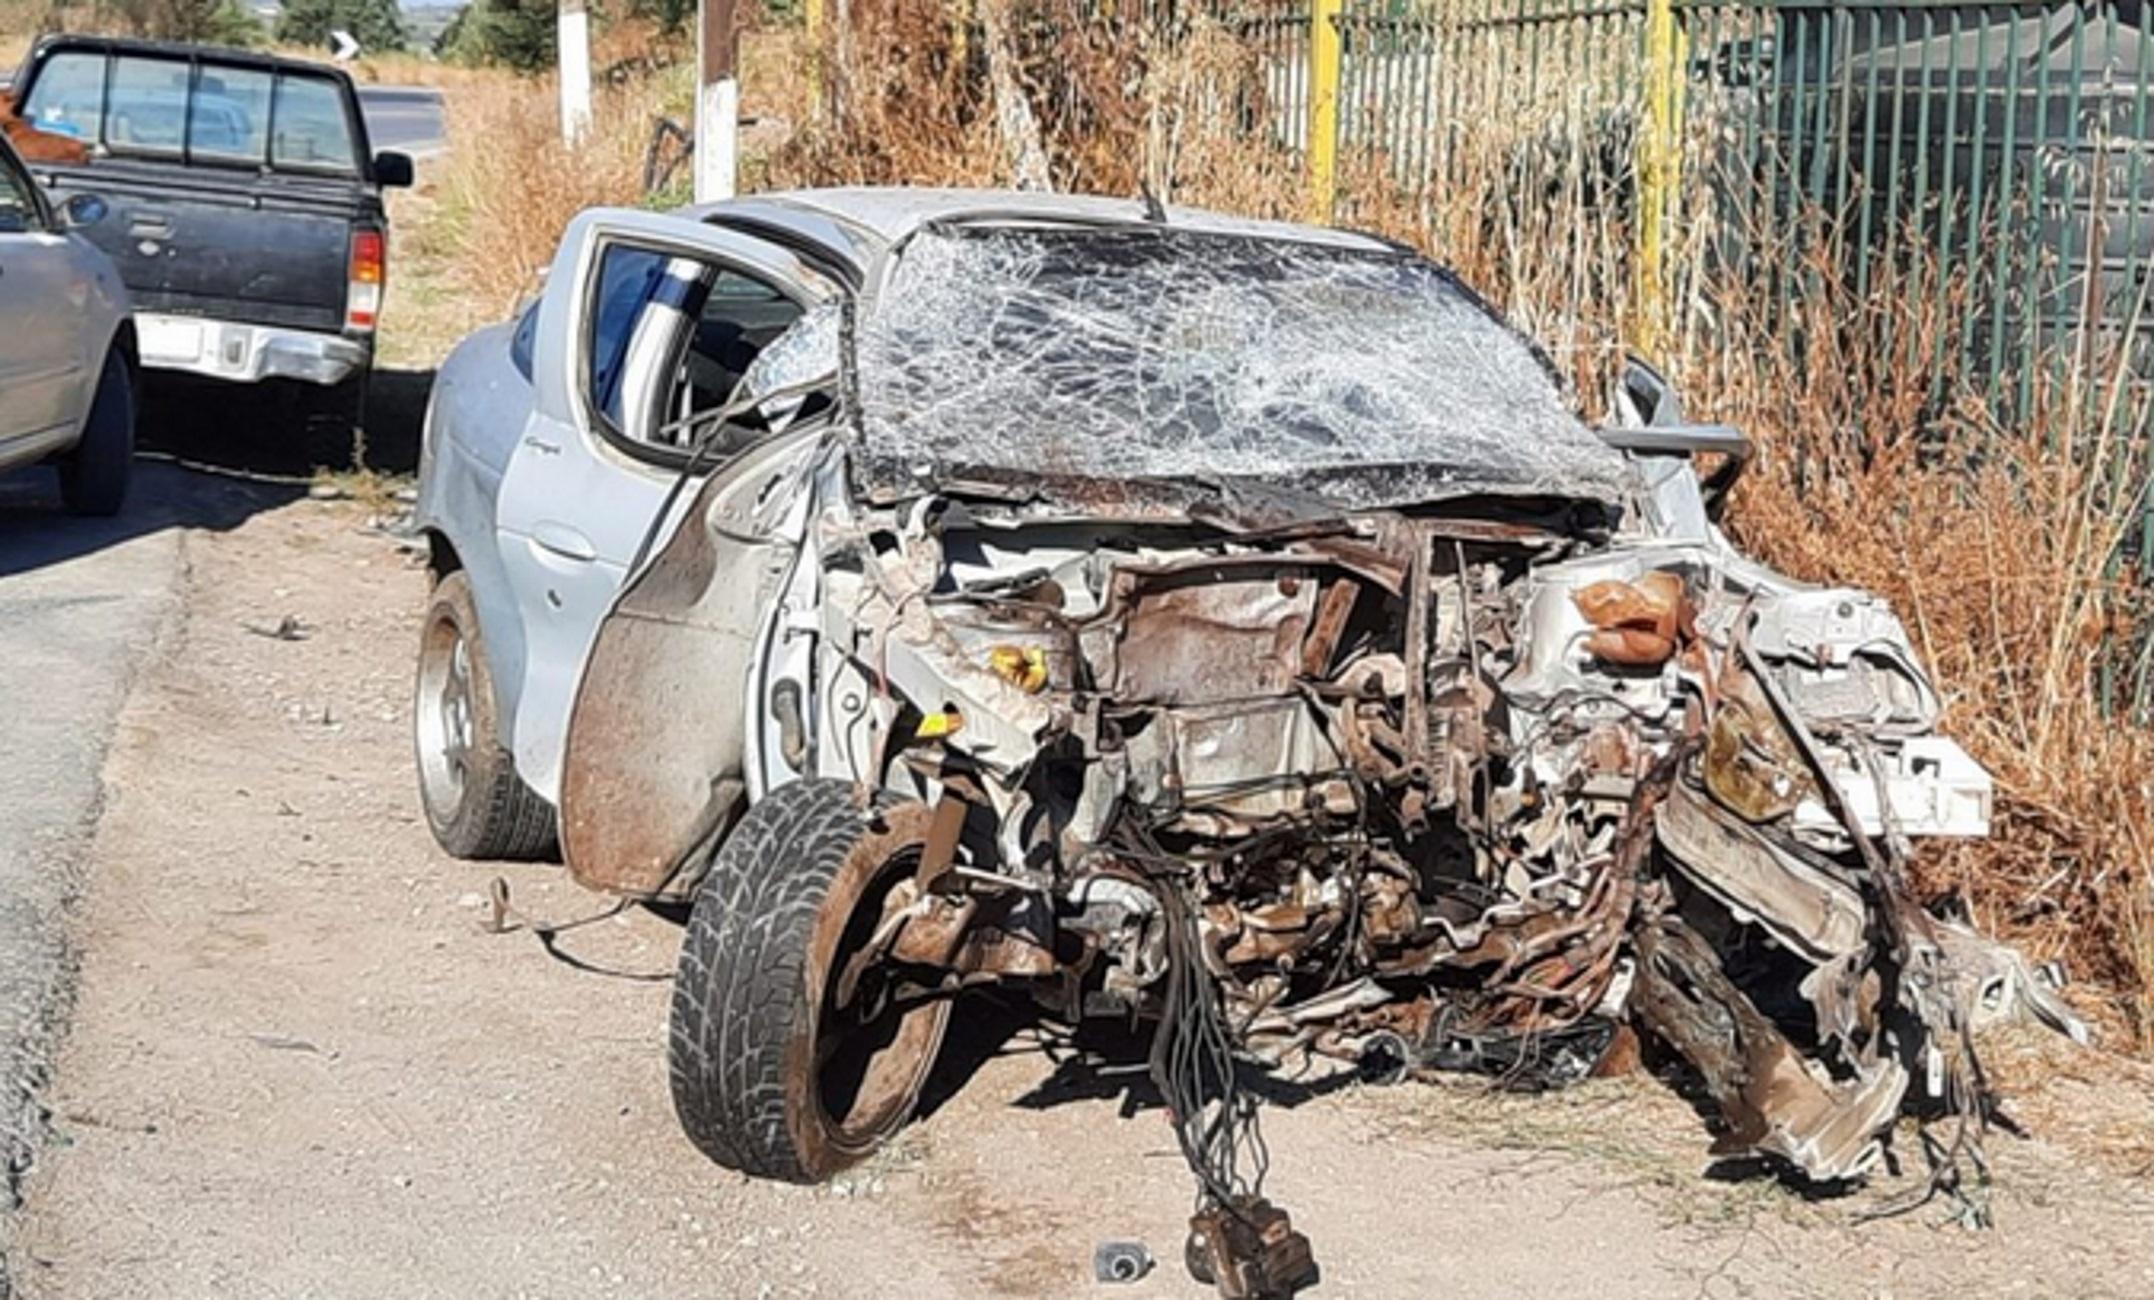 Κιλκίς: Και δεύτερος νεκρός από το τροχαίο – Υπέκυψε στα τραύματά του ο 24χρονος